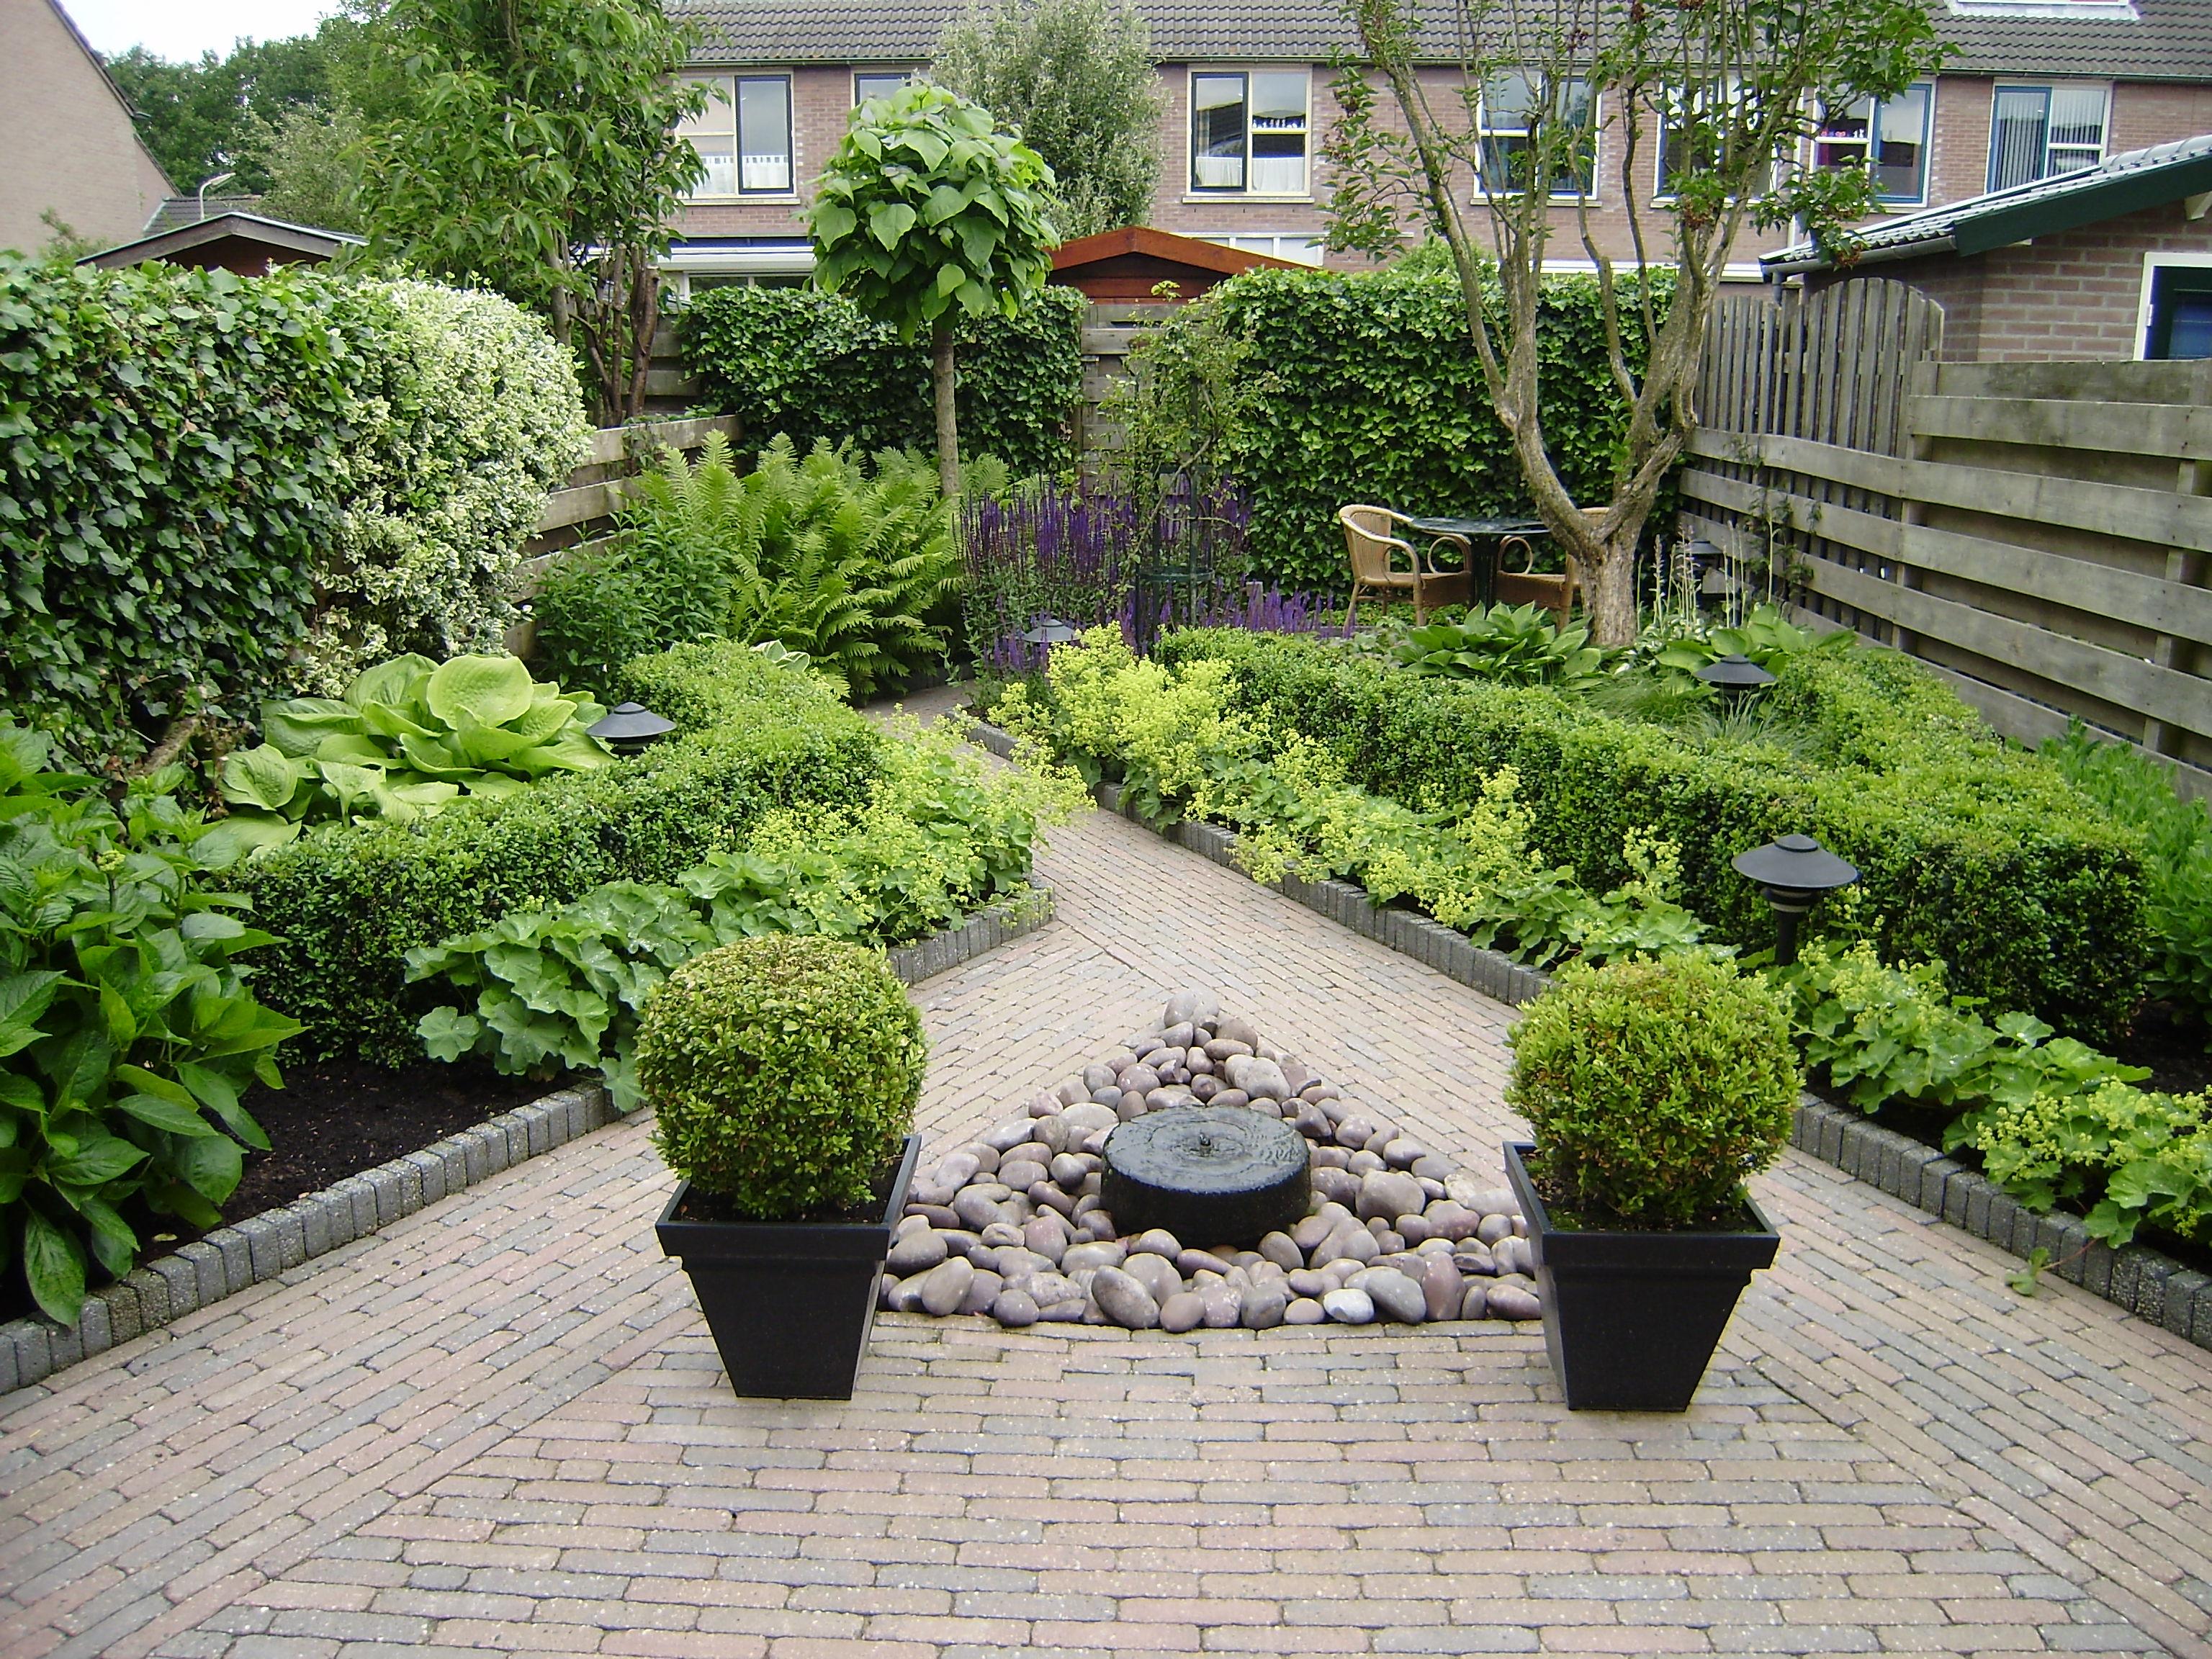 Tuin Laten Aanleggen : Hoveniersbedrijf baarn hovenier kleter tuinen